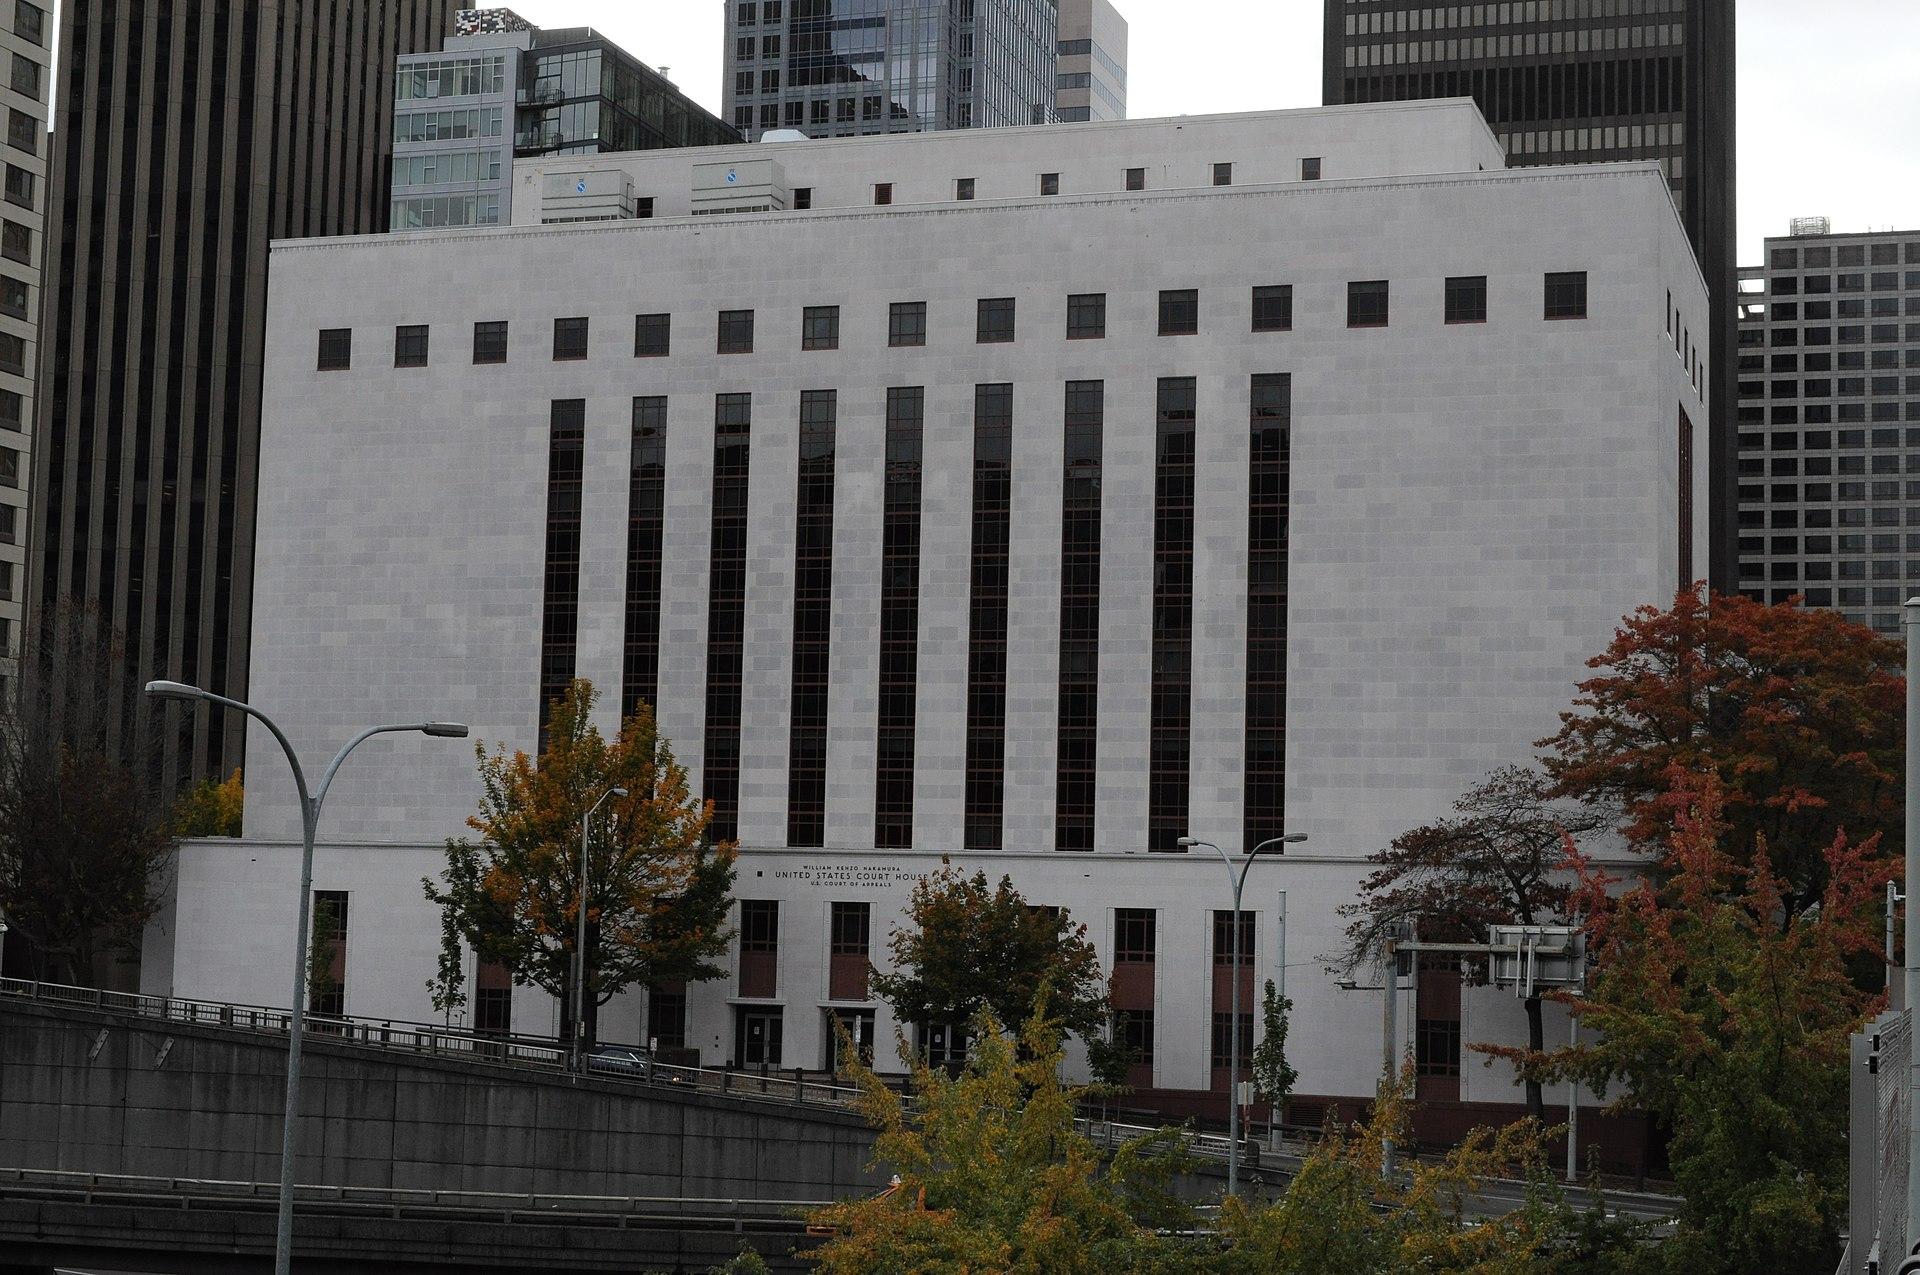 William Kenzo Nakamura United States Courthouse  Wikipedia